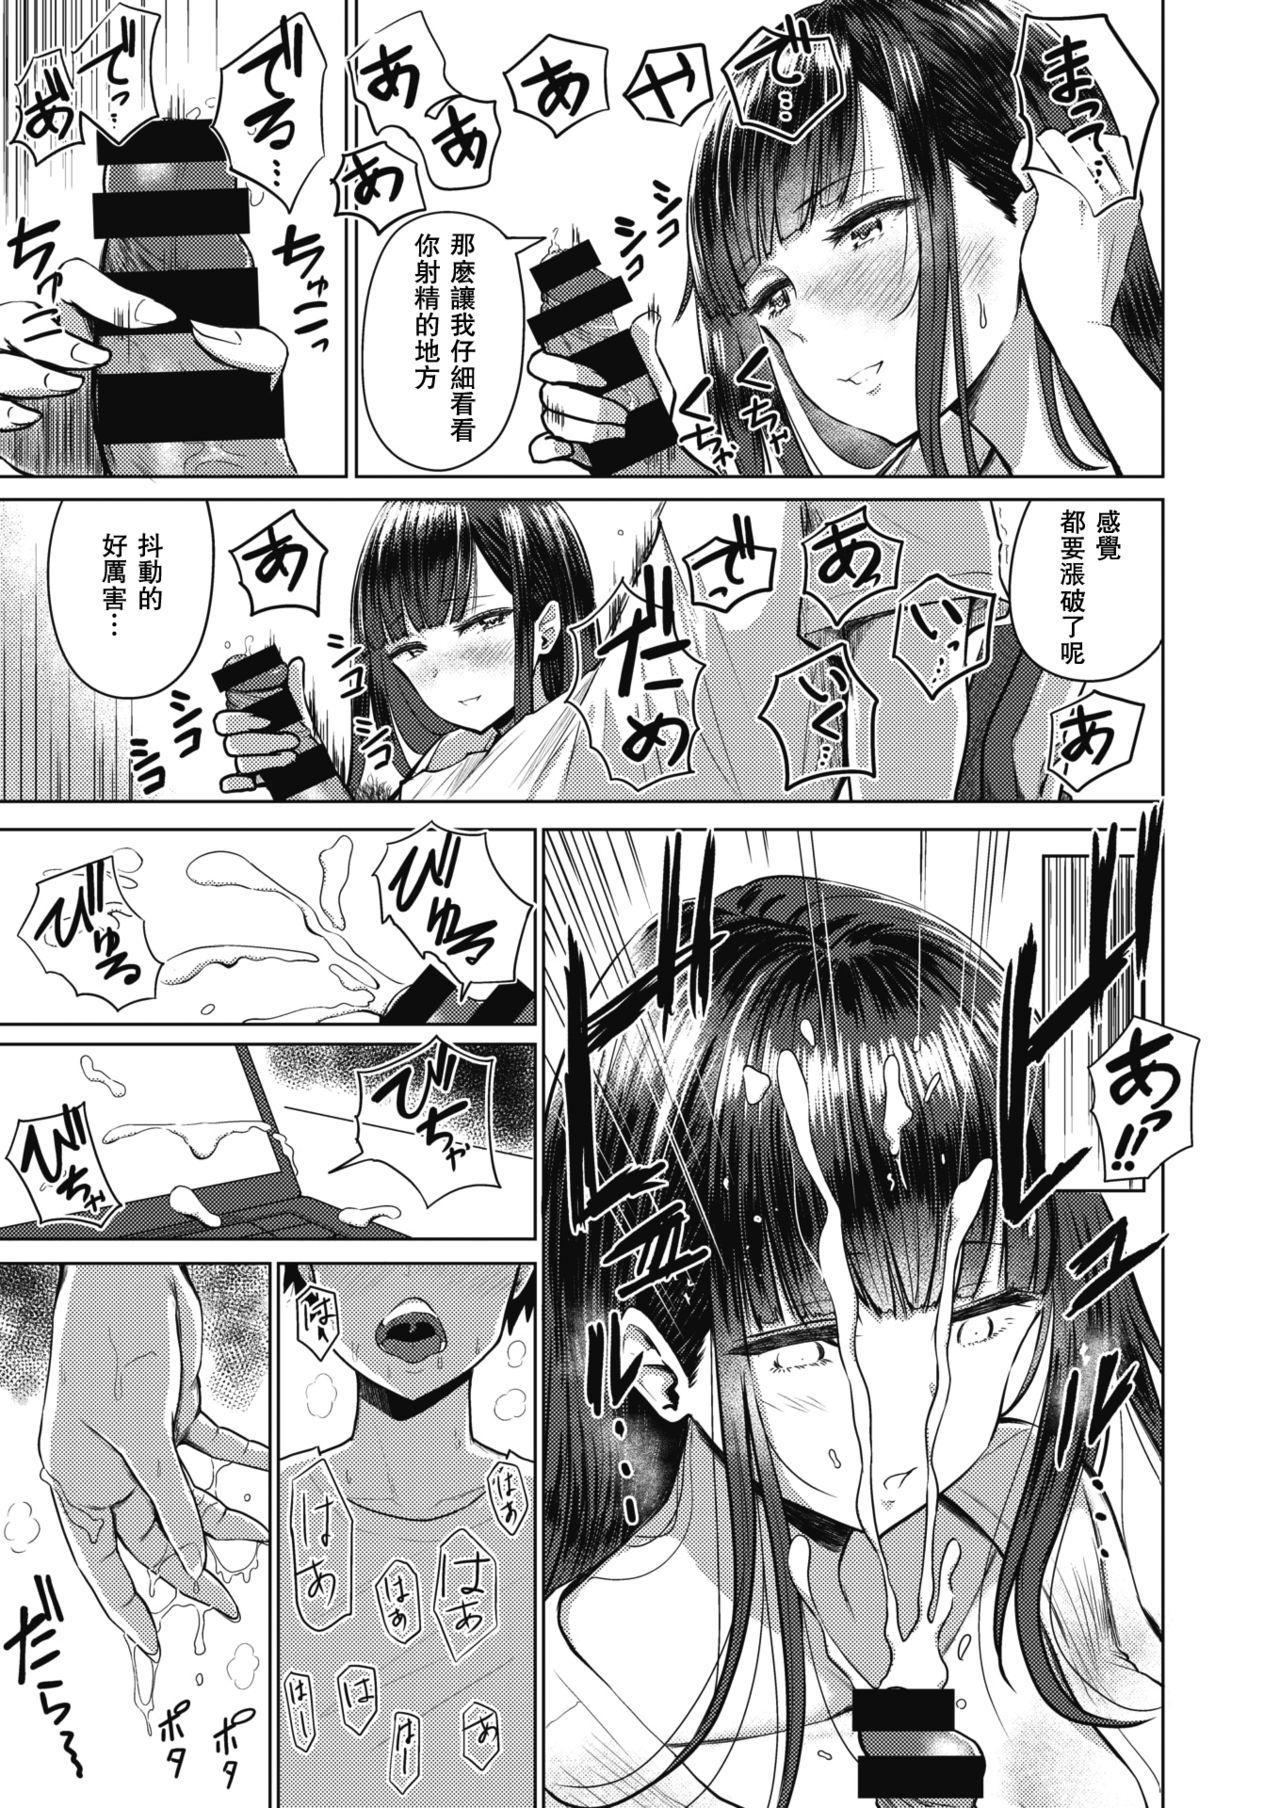 Akarui Kazoku Seikatsu Ane Ichika Hen 4